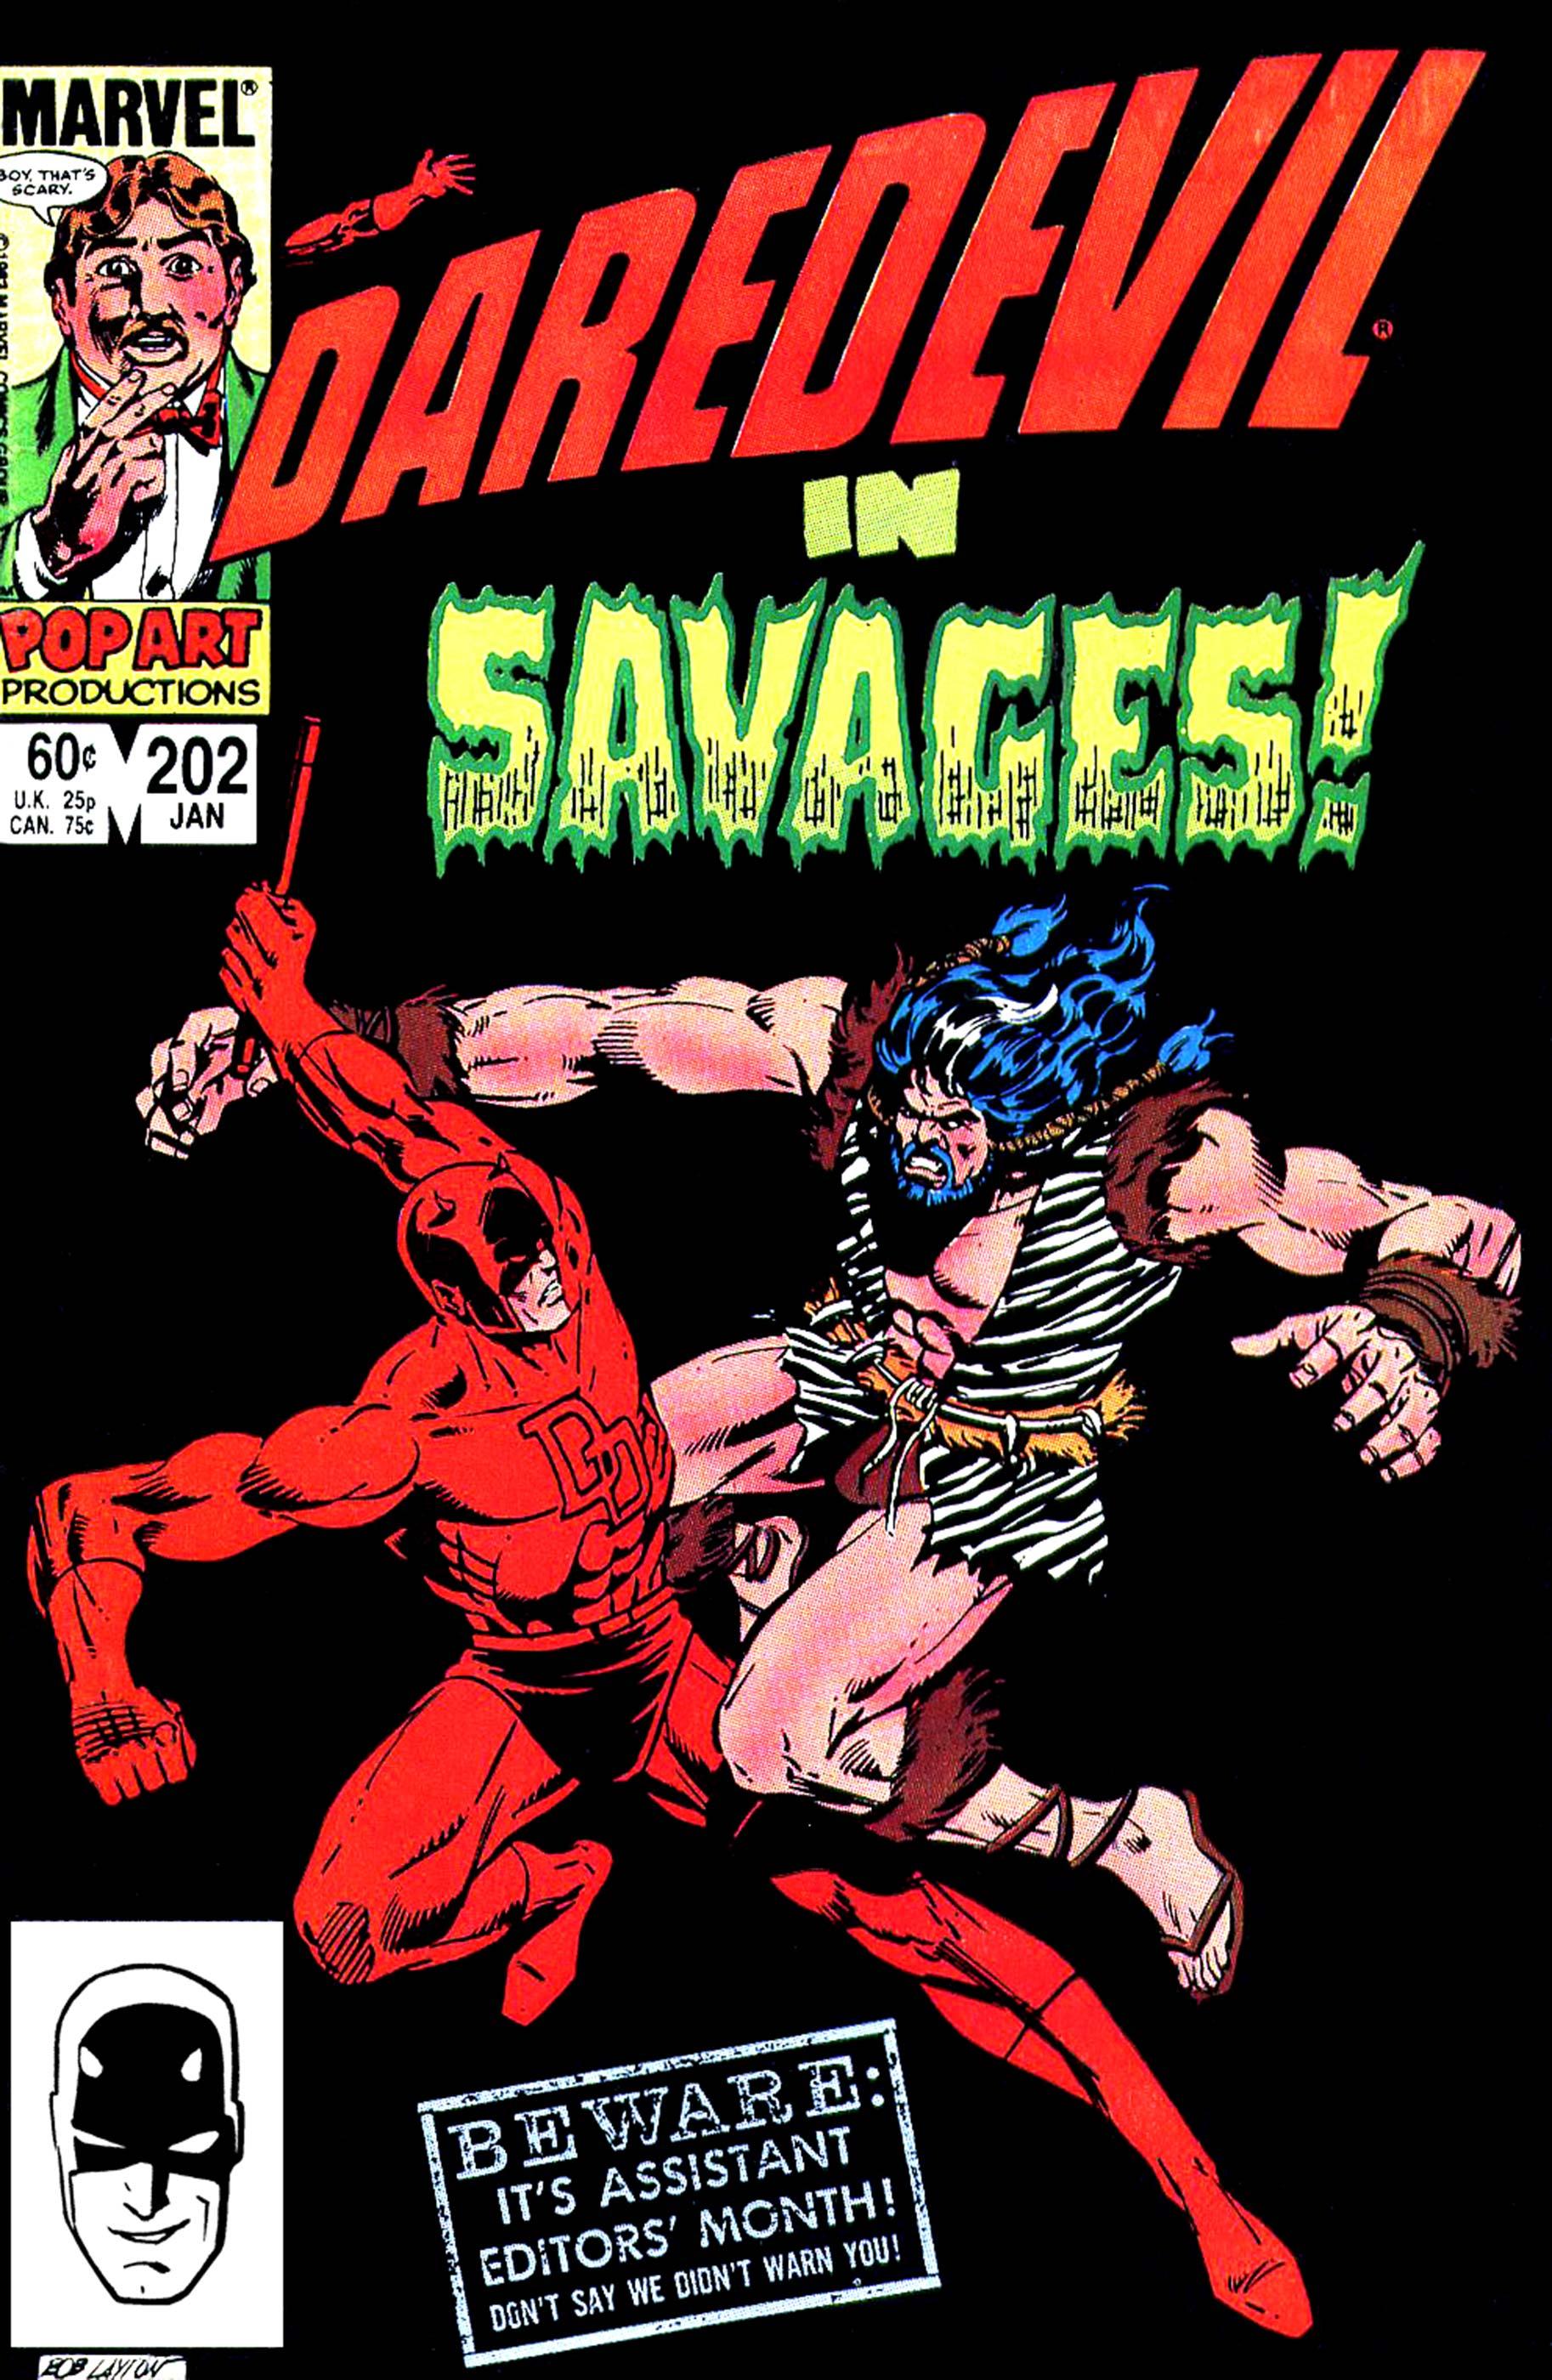 Daredevil (1964) #202